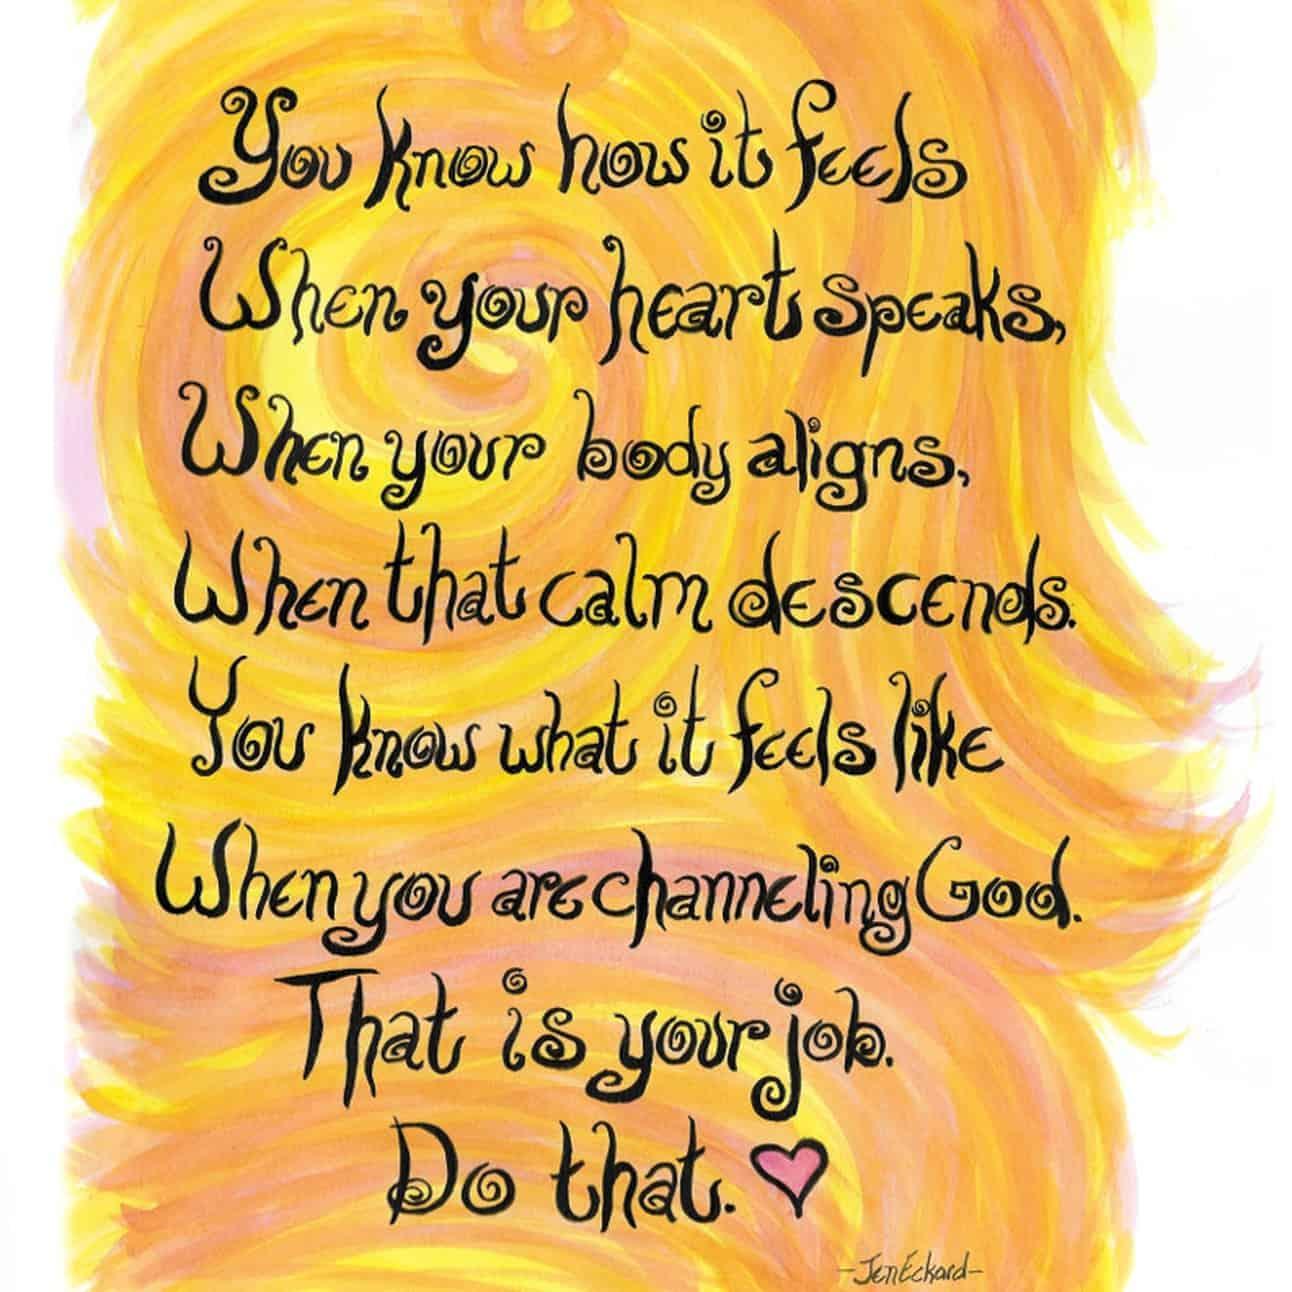 Jen Eckard poem about following your heart.